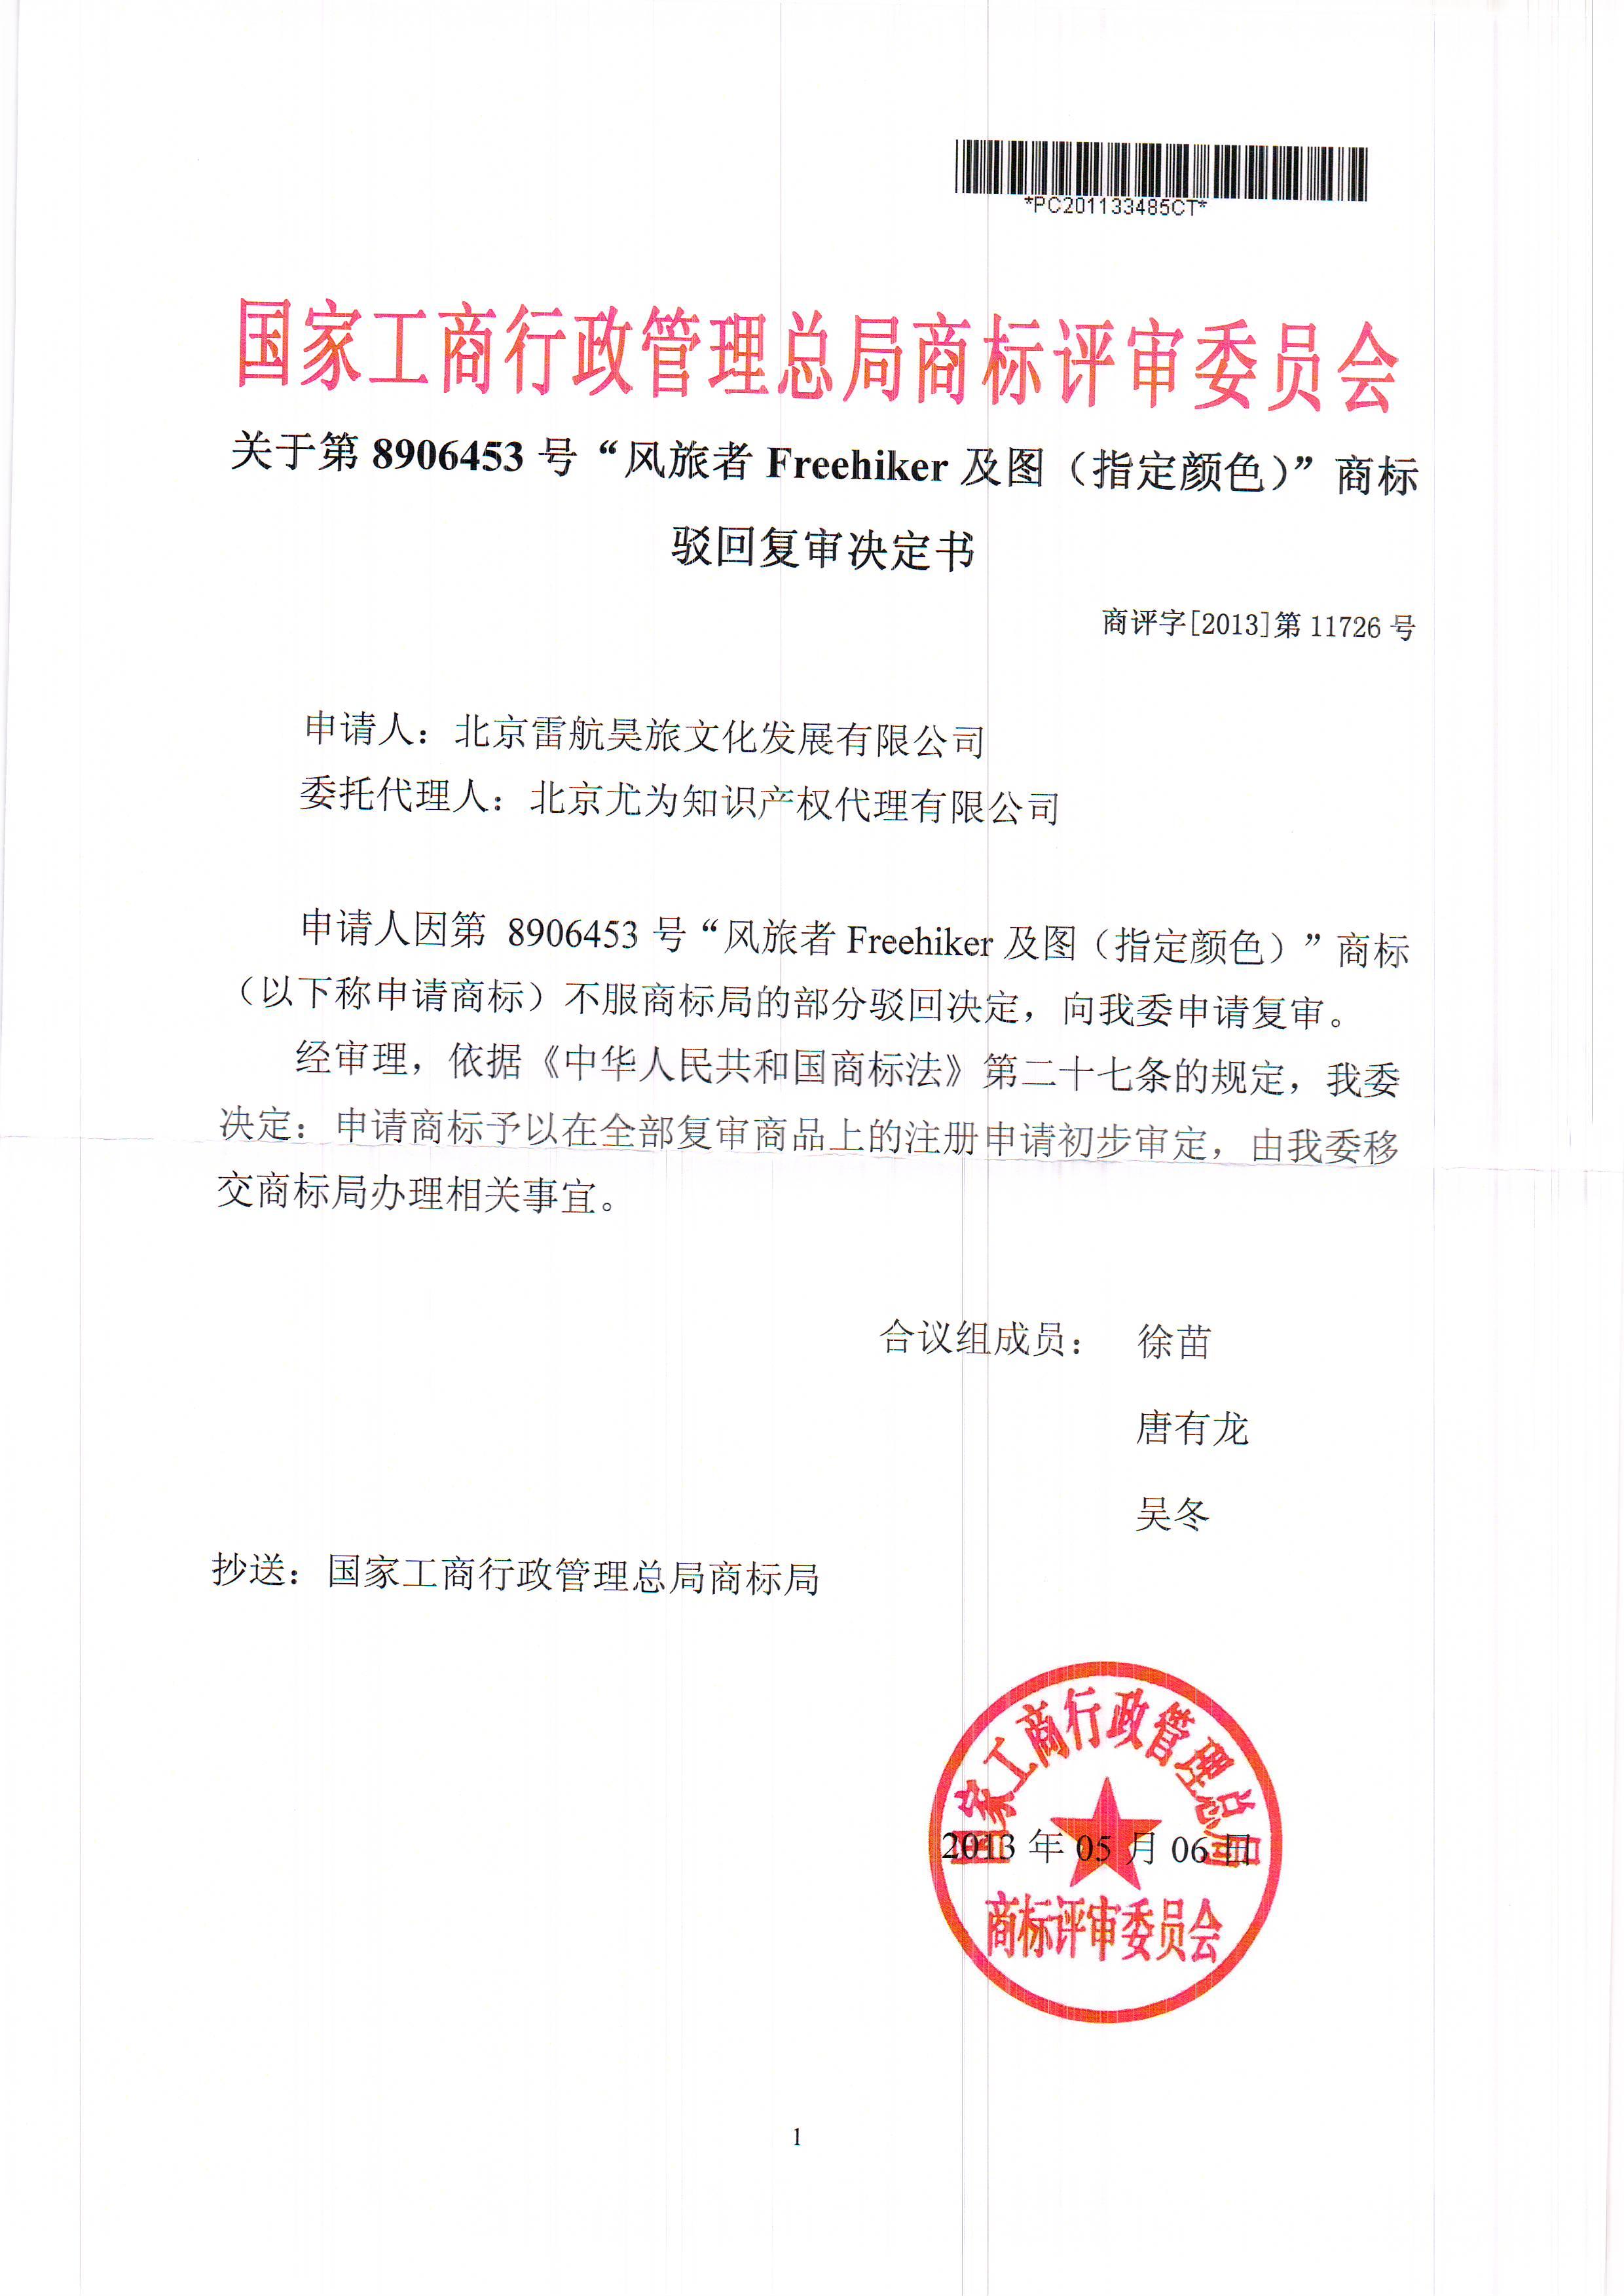 """北京雷航昊旅文化发展有限公司对第806453号""""风旅者""""商标驳回成功!"""